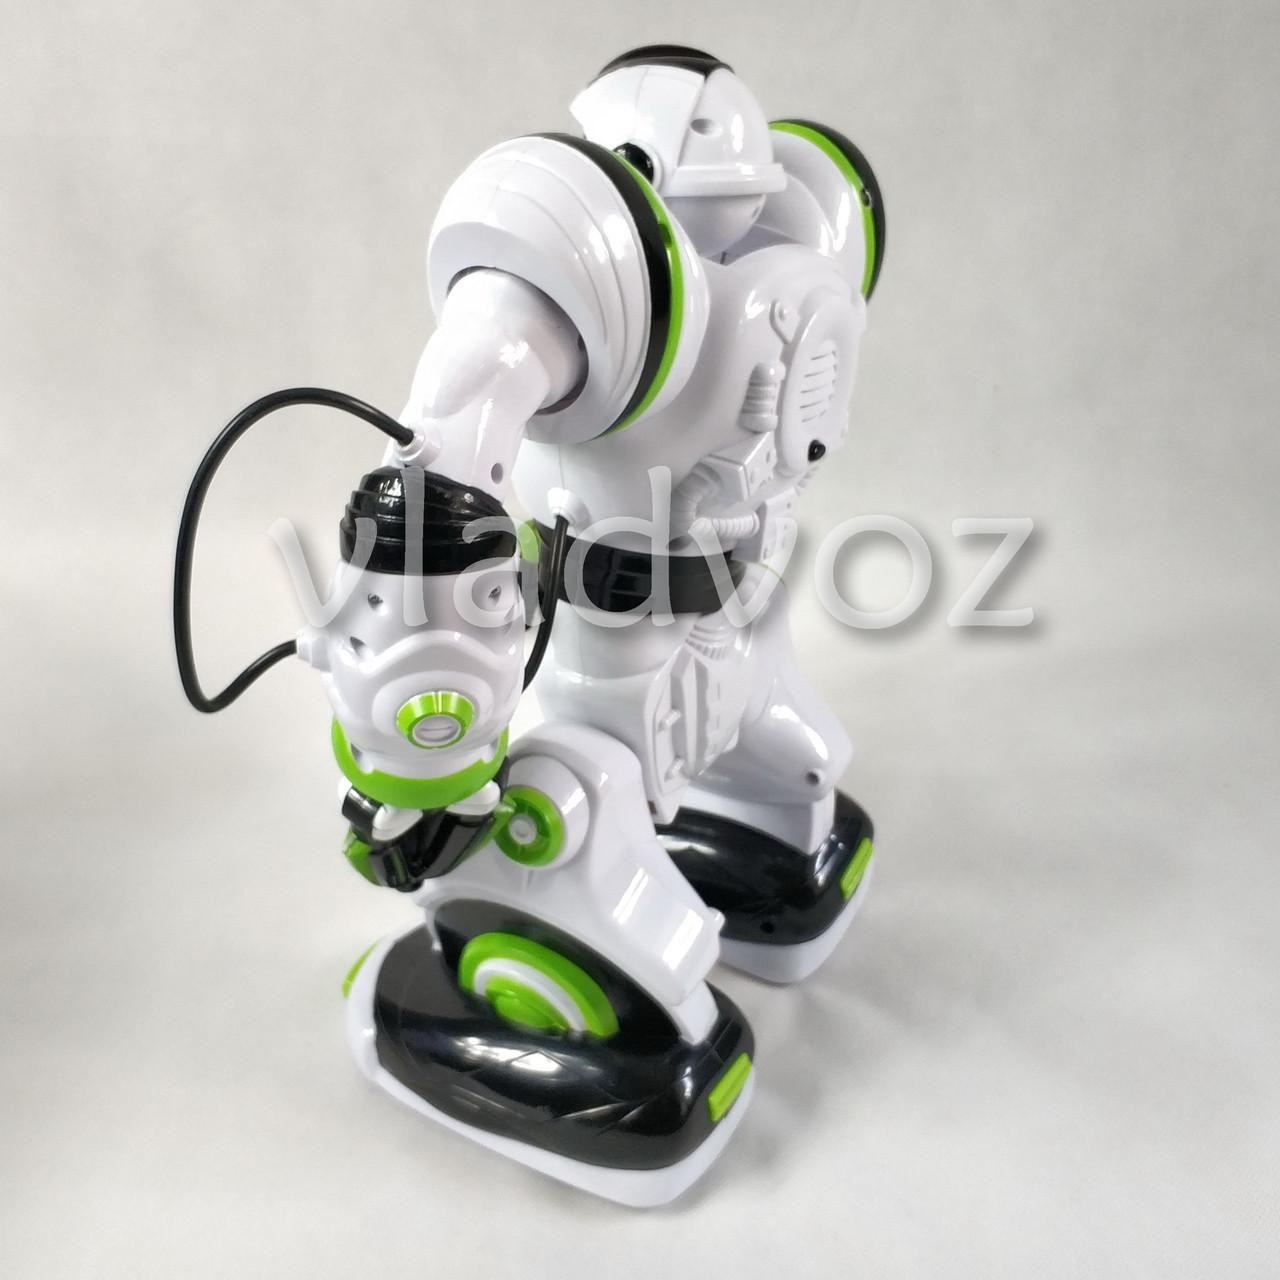 Робот на пульті управління радіокерована іграшка на акумуляторах Robowisdom білий з салатовим - фото 4